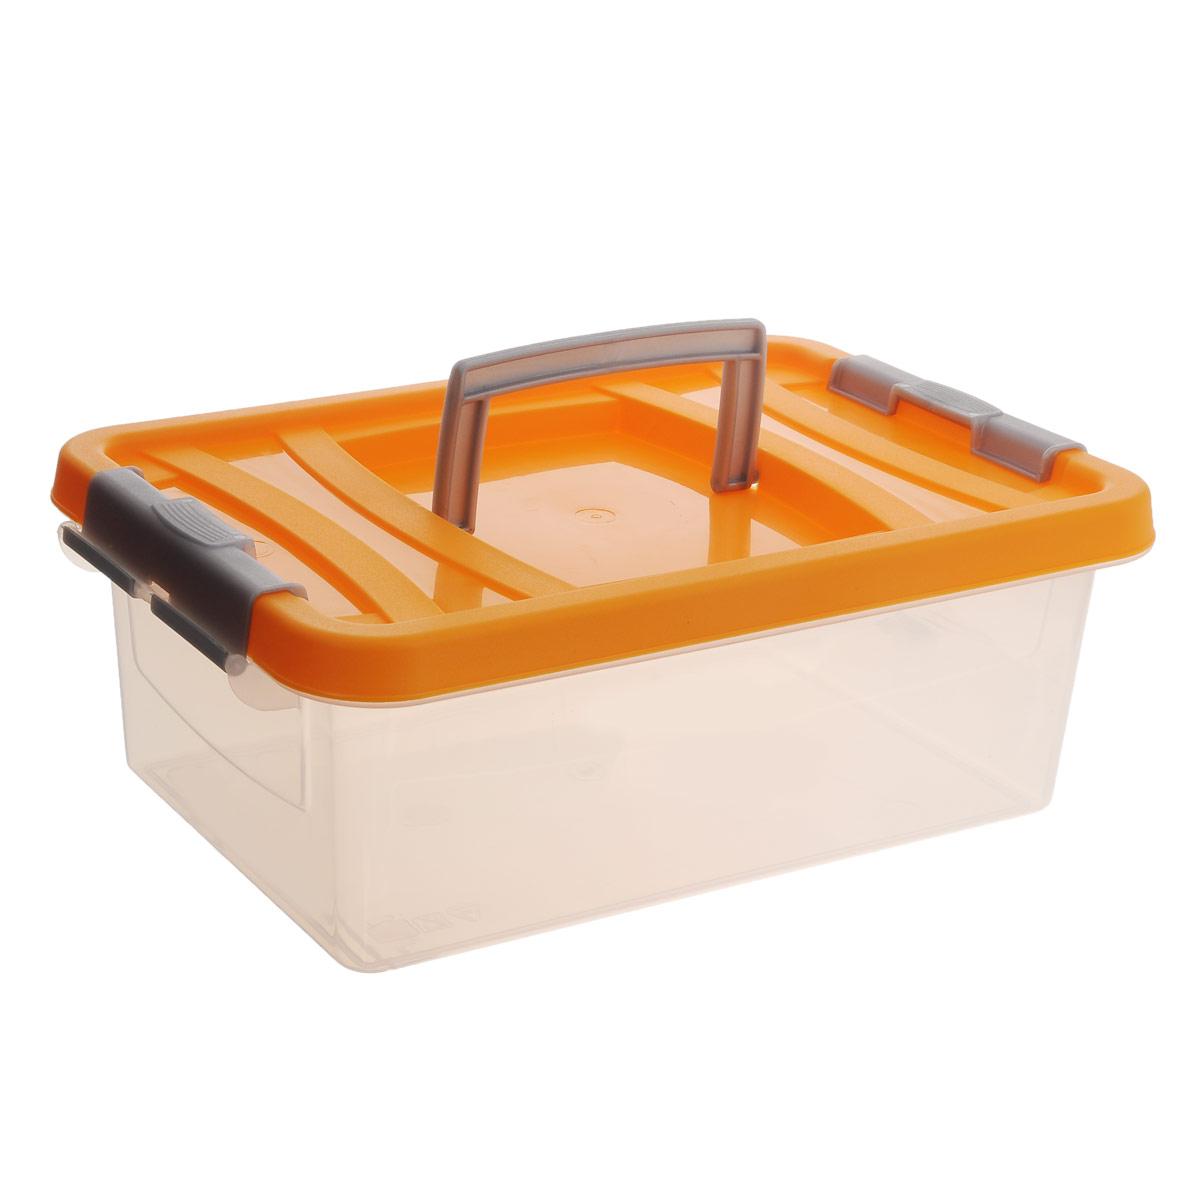 Контейнер для пищевых продуктов Martika, цвет: прозрачный, оранжевый, 6 лVT-1520(SR)Контейнер Martika прямоугольной формы предназначен специально для хранения пищевых продуктов. Устойчив к воздействию масел и жиров, легко моется. Крышка легко открывается и плотно закрывается. Имеются удобные ручки. Прозрачные стенки позволяют видеть содержимое. Контейнер имеет возможность хранения продуктов глубокой заморозки, обладает высокой прочностью. Контейнер необыкновенно удобен: его можно брать на пикник, за город, в поход.Можно мыть в посудомоечной машине.